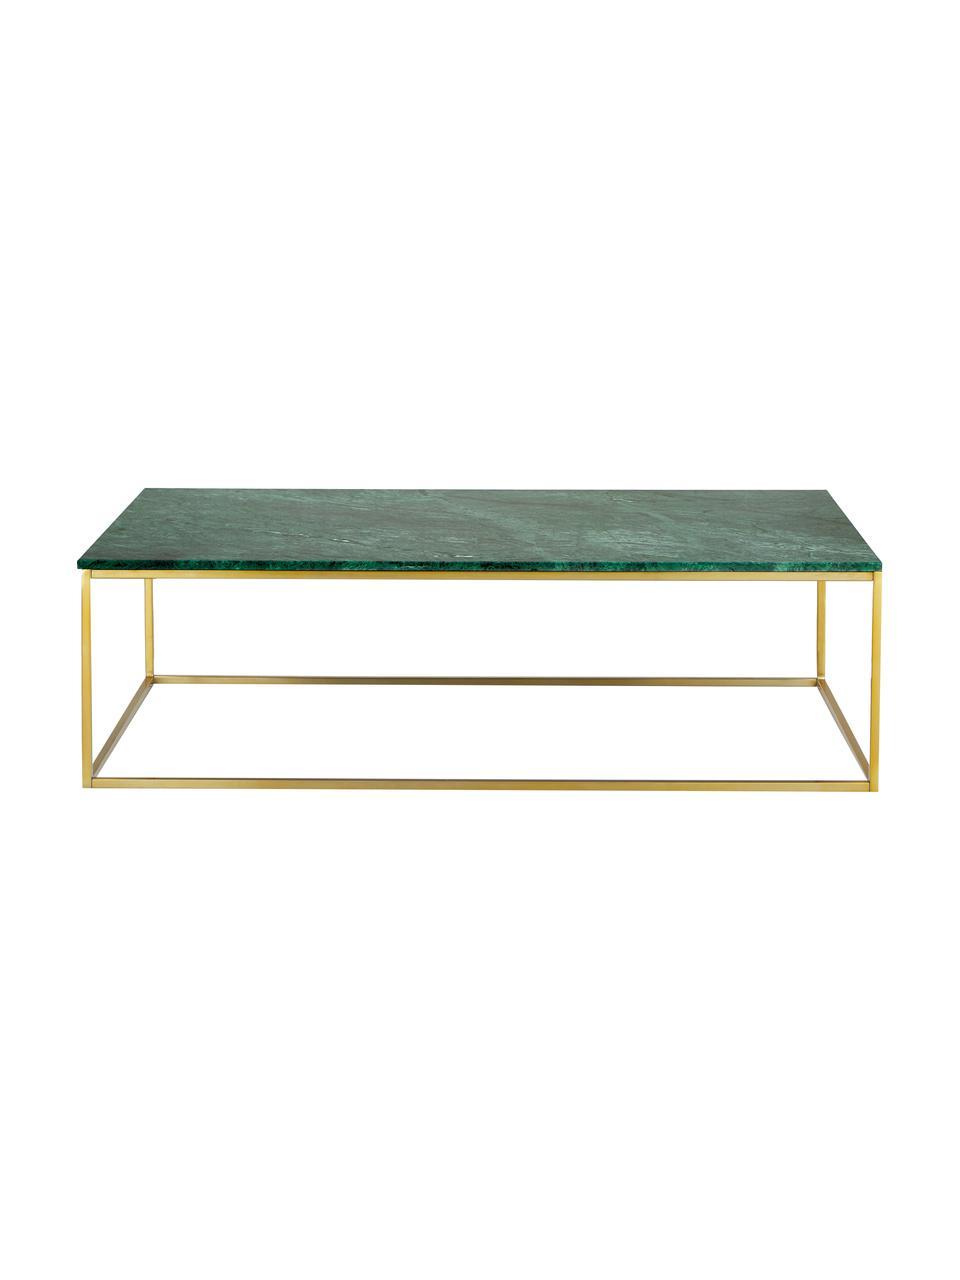 Großer Marmor-Couchtisch Alys, Tischplatte: Marmor, Gestell: Metall, beschichtet, Grüner Marmor, Goldfarben, 120 x 35 cm